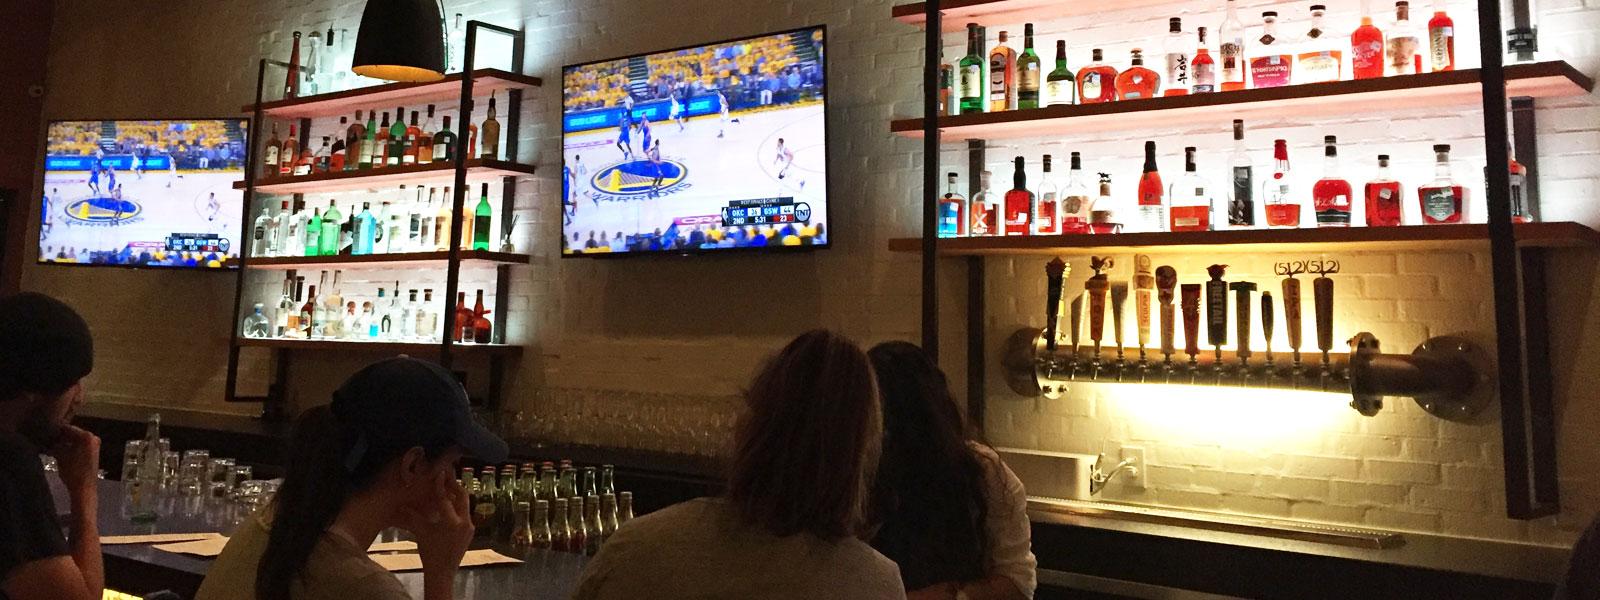 Led Bar Shelves Liquor Bottle Displays Liquorshelves Com